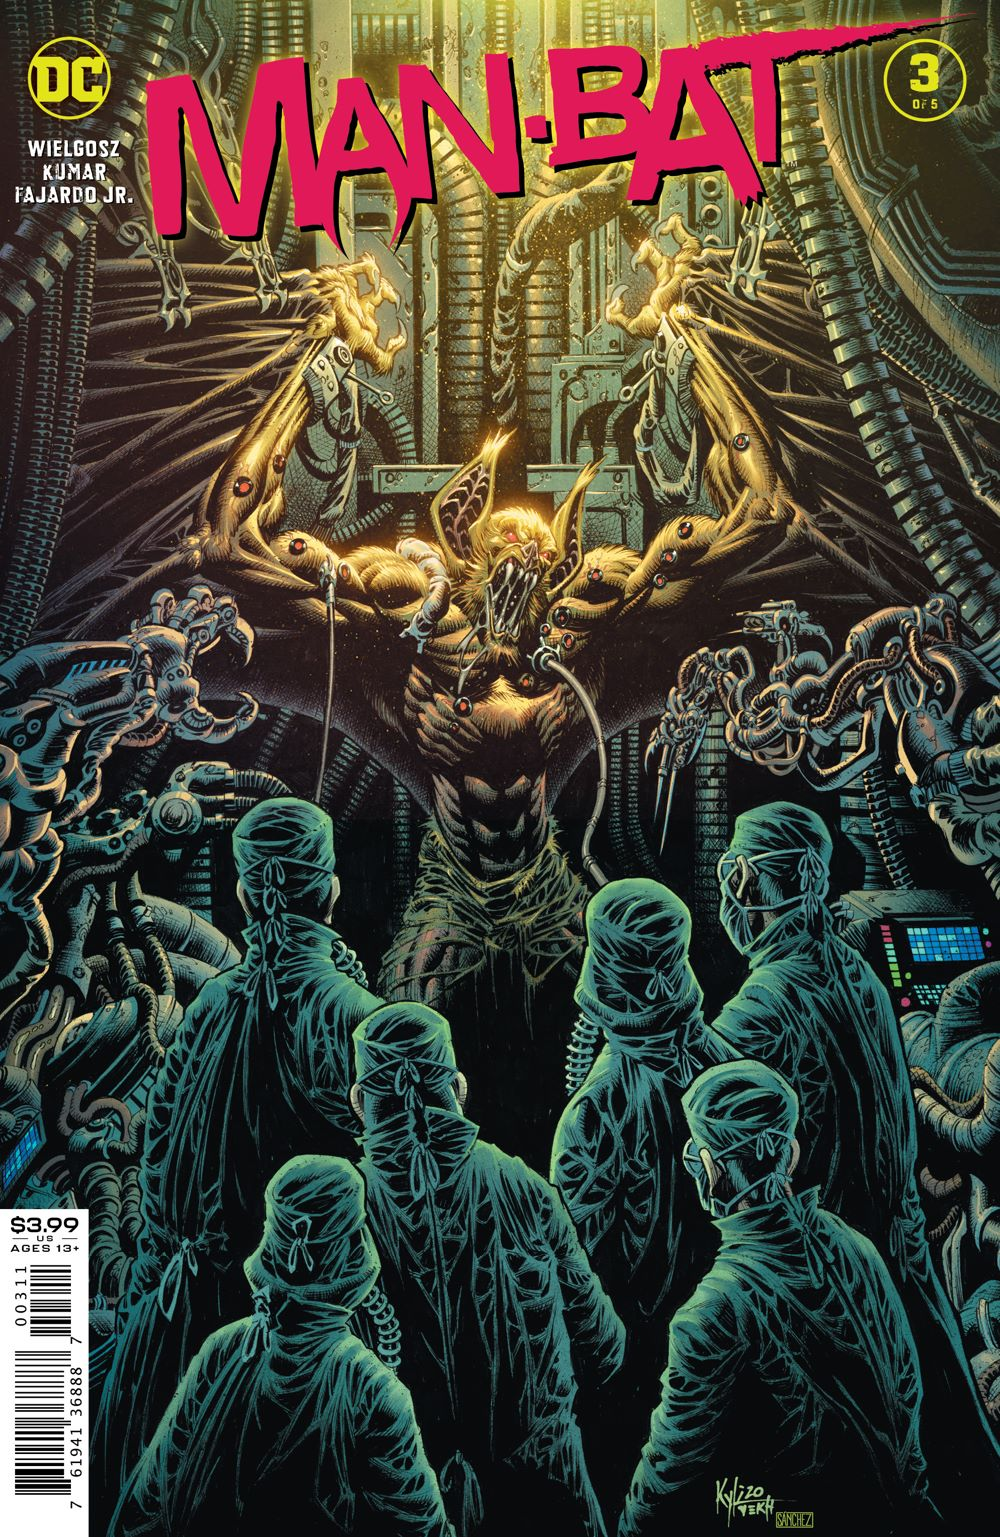 MANBAT_Cv3 DC Comics April 2021 Solicitations